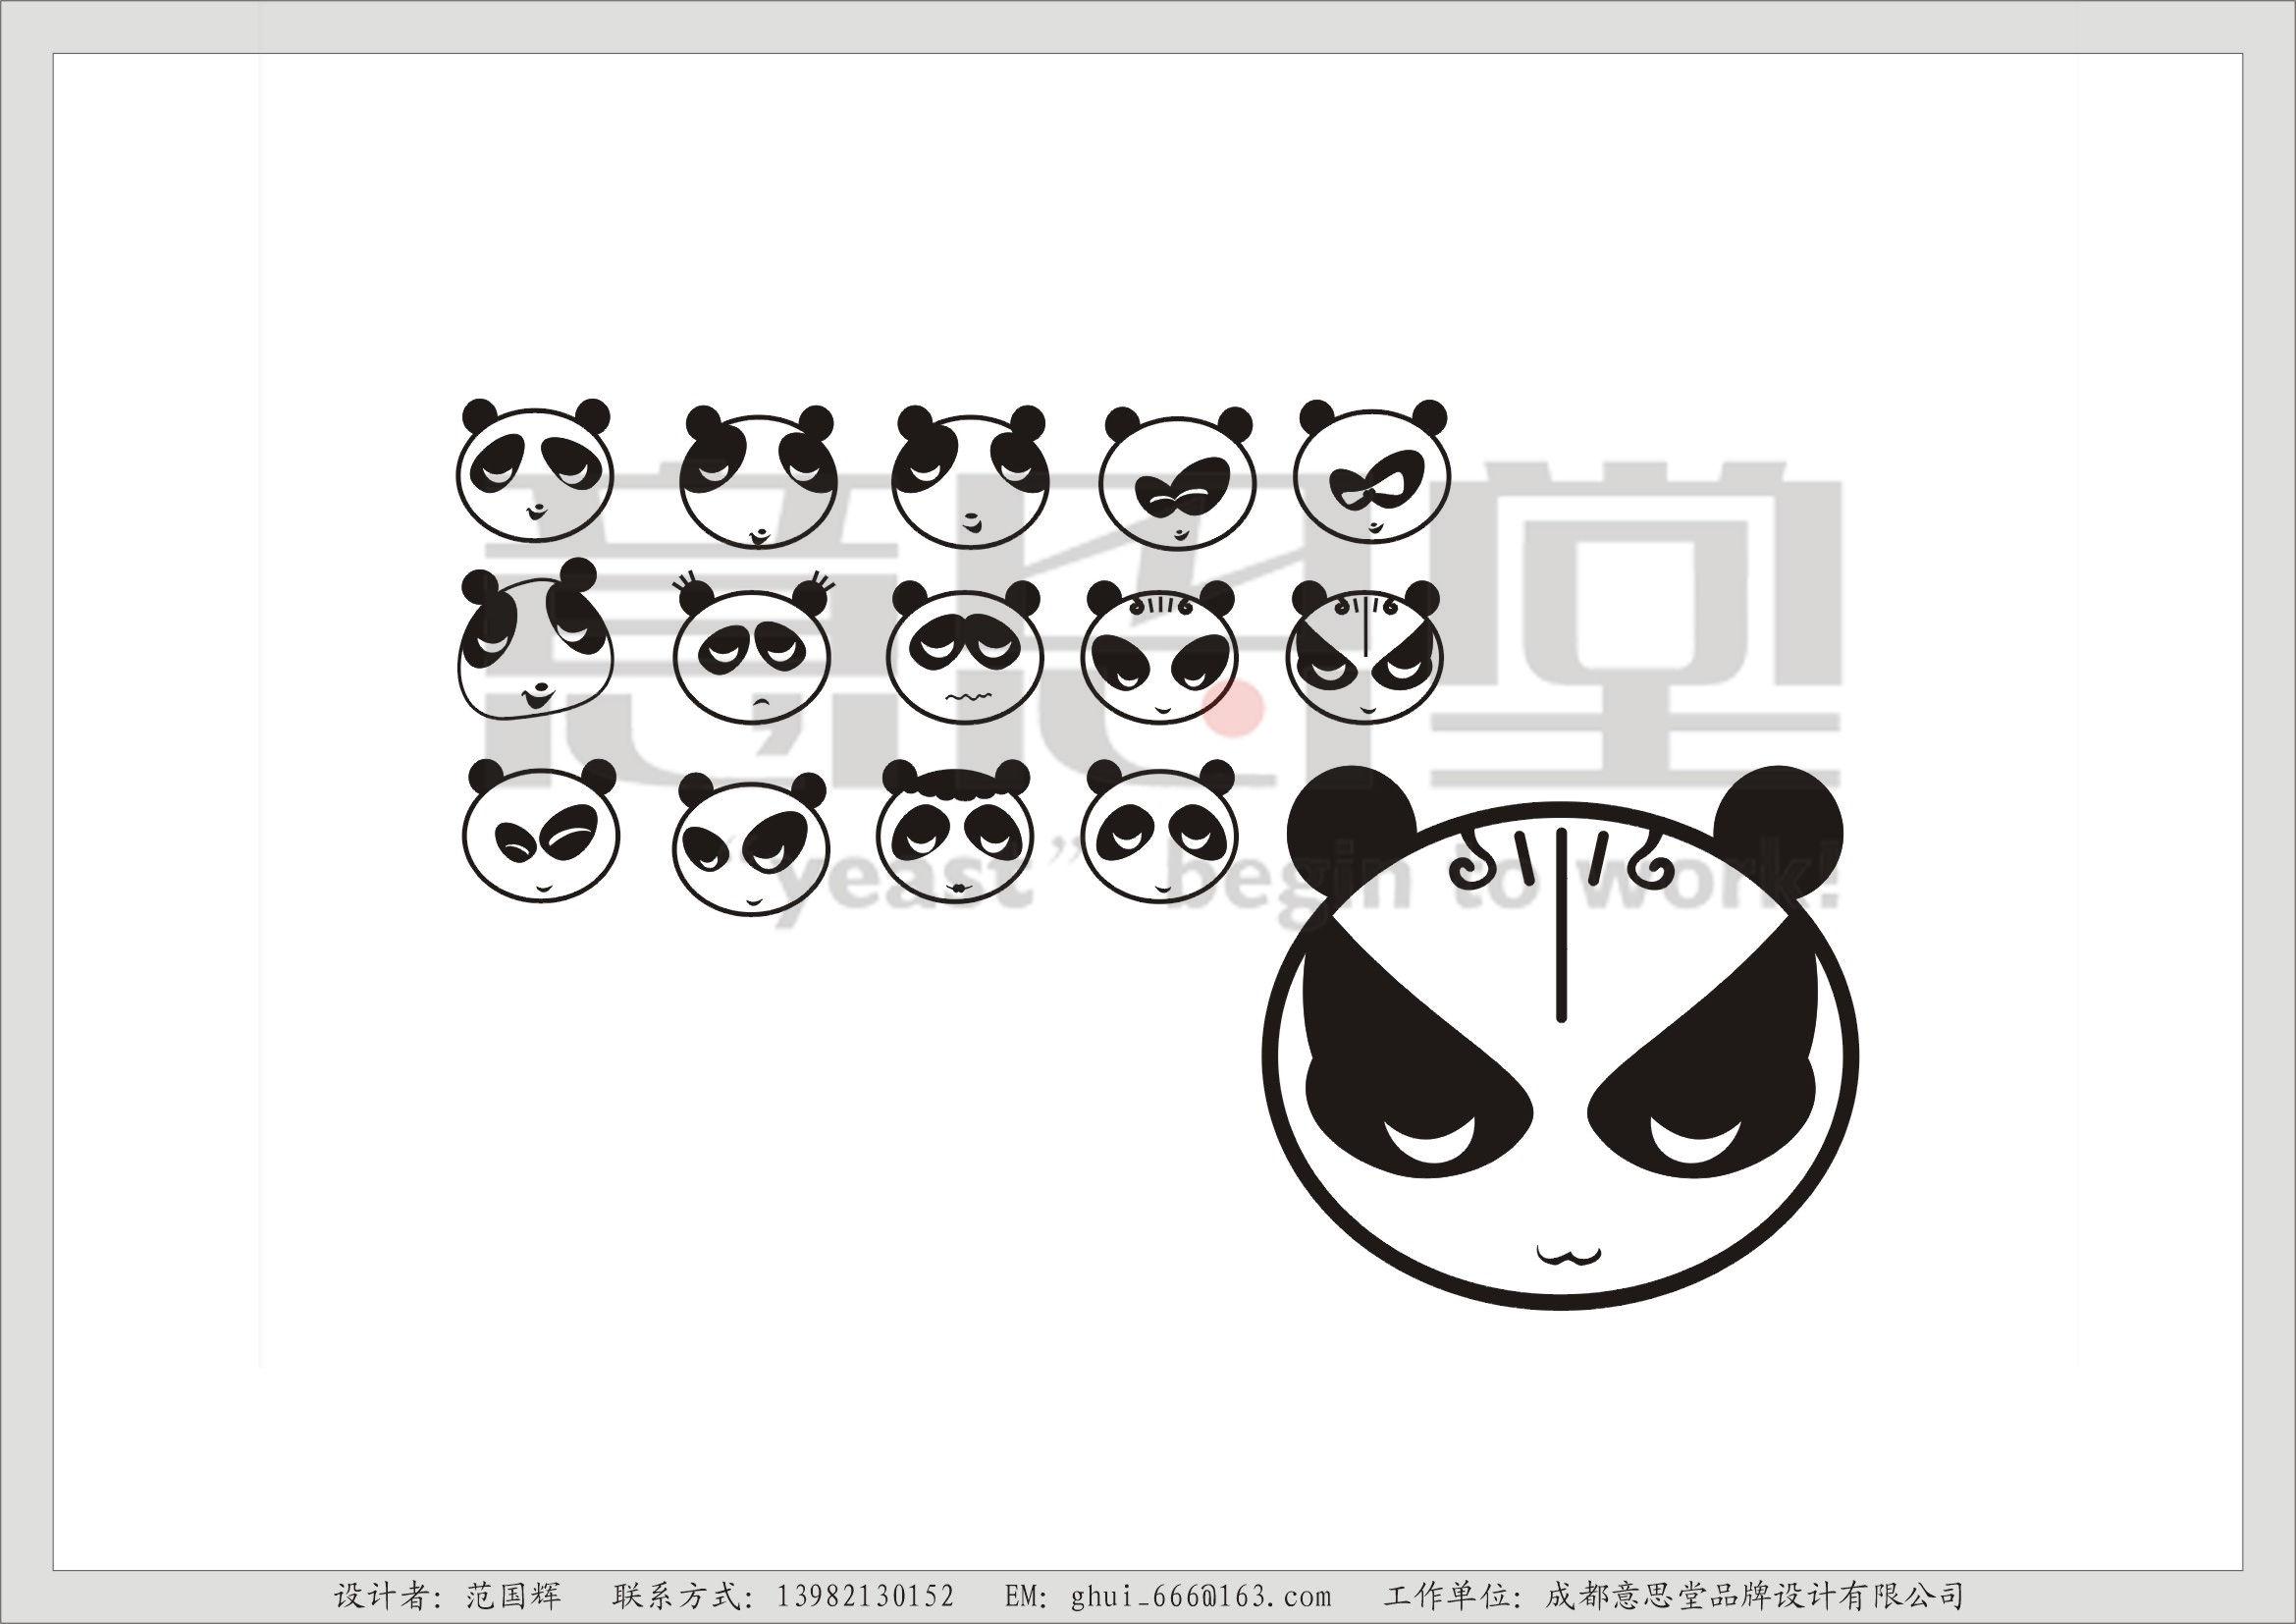 熊猫2案例图片 - 成都意思堂品牌设计有限公司的空间图片